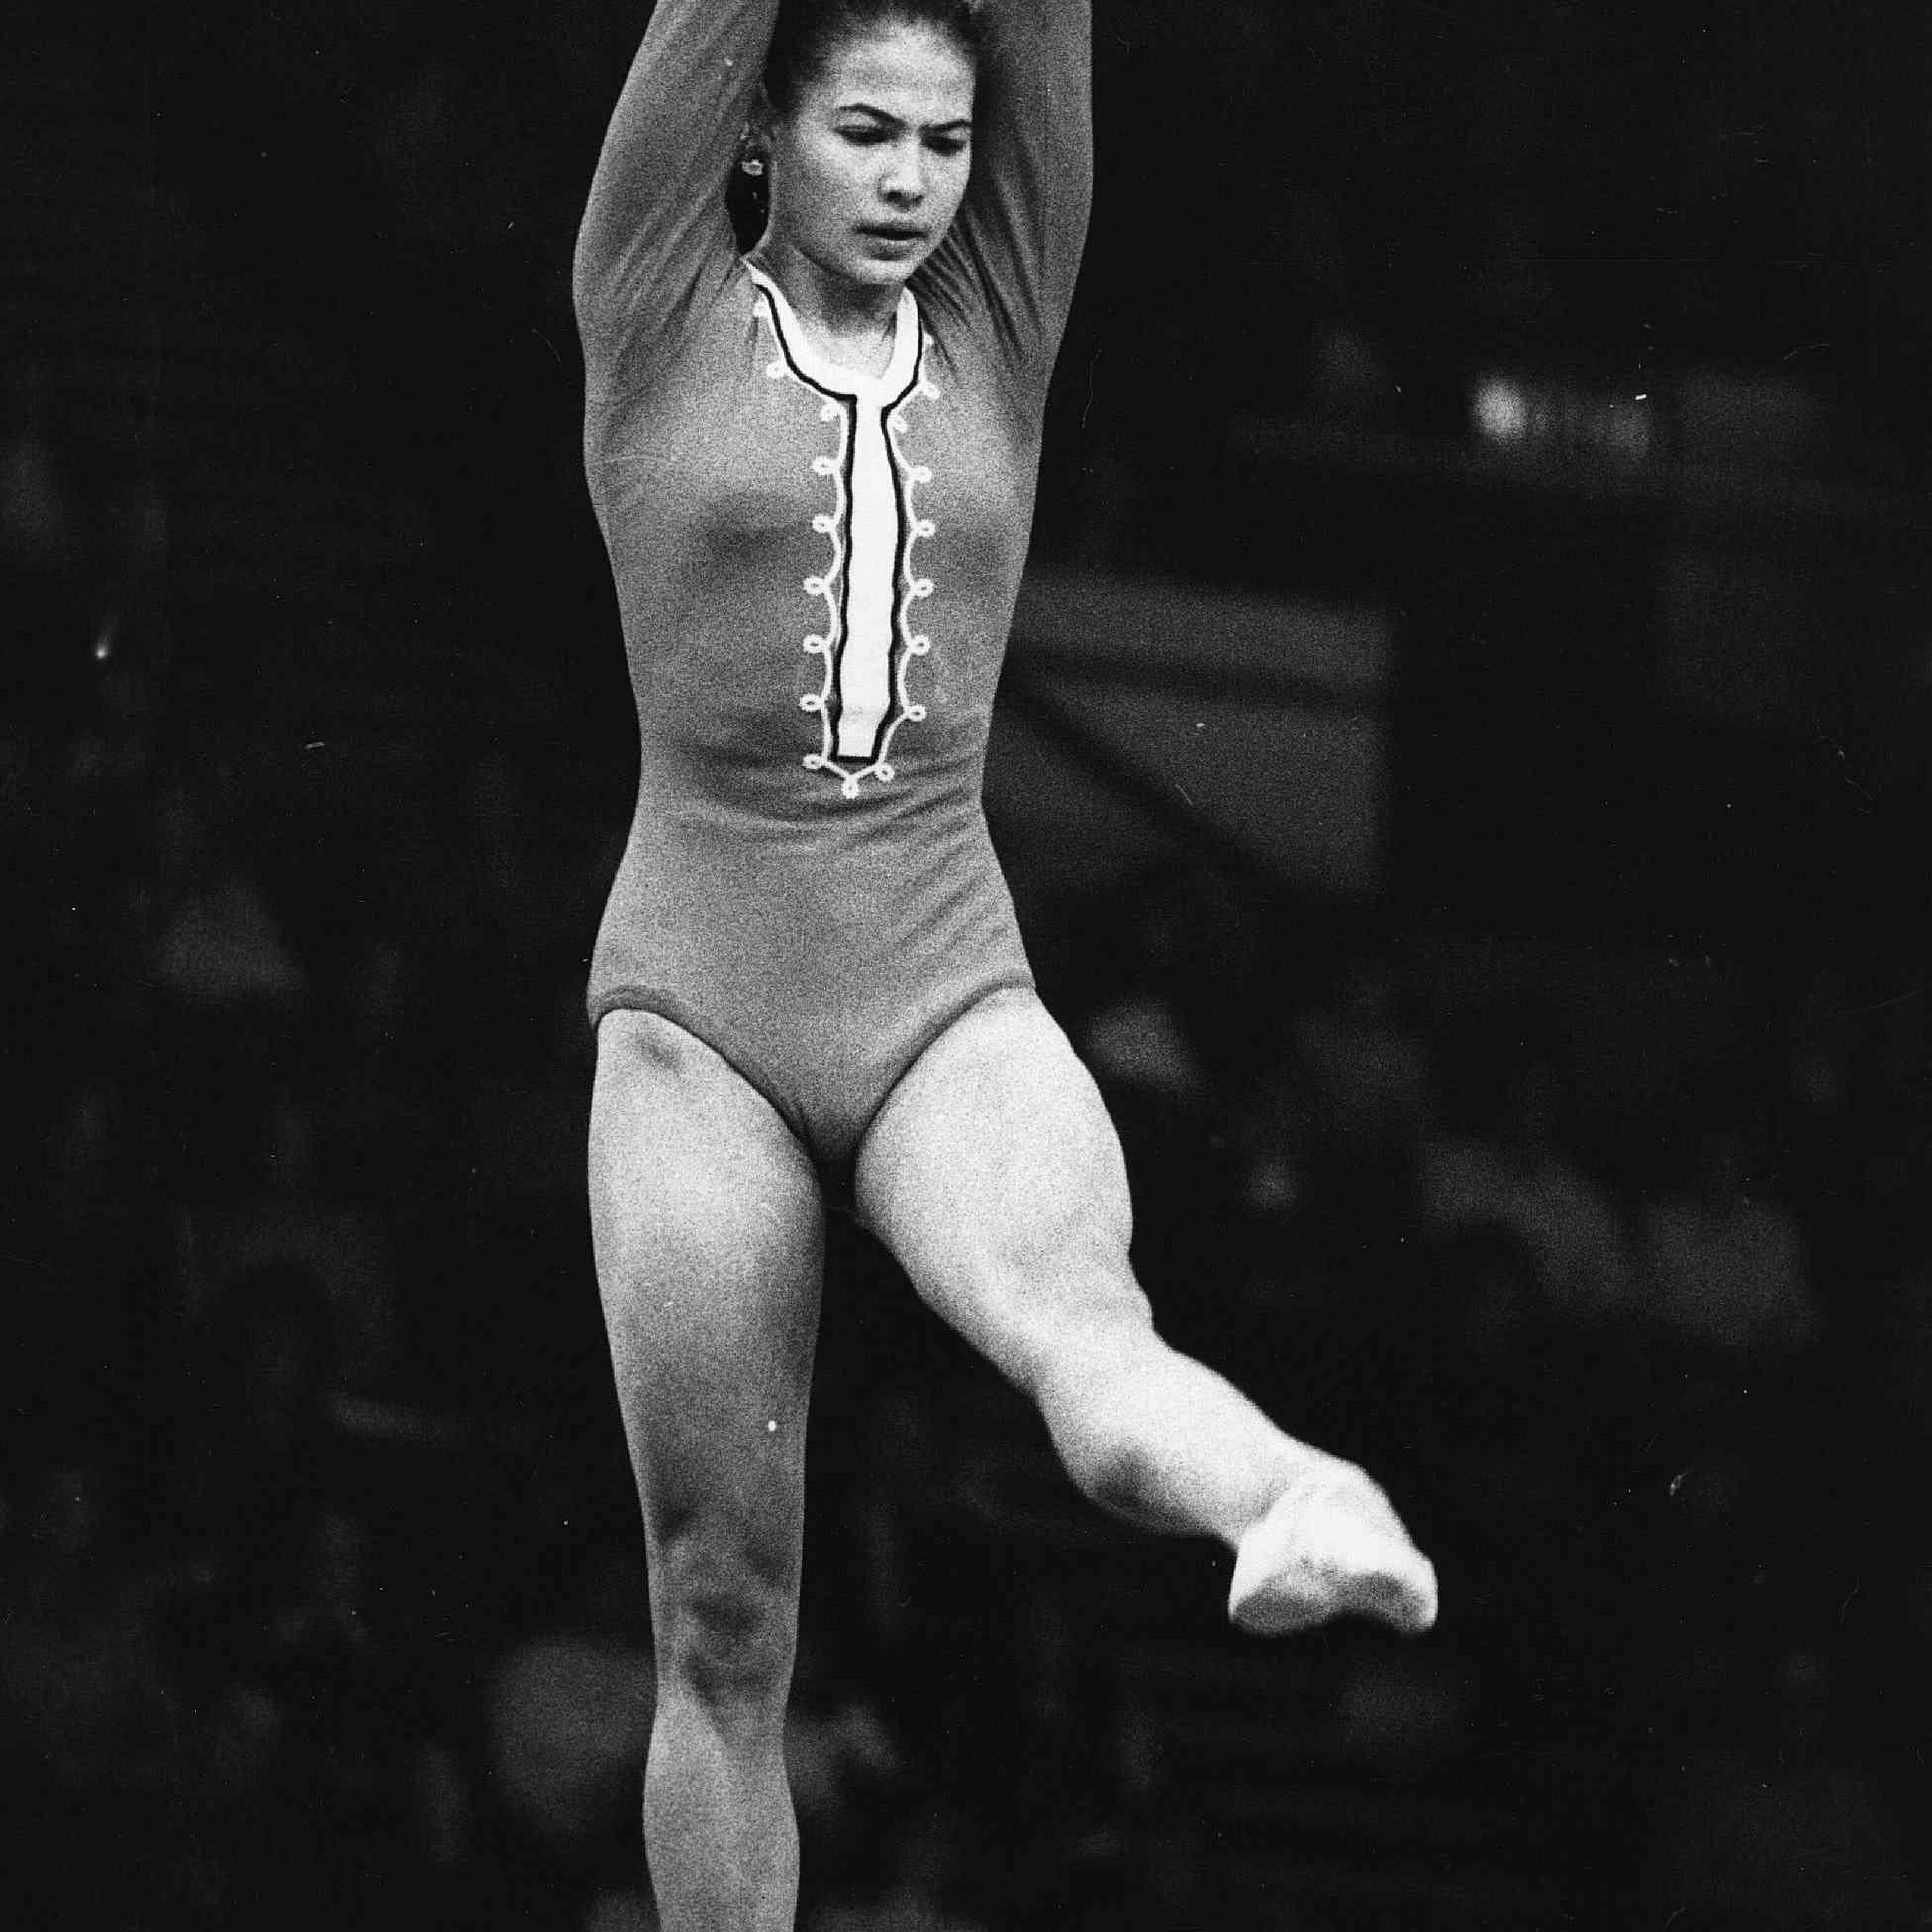 Olympic Gymnast Ludmilla Tourischeva